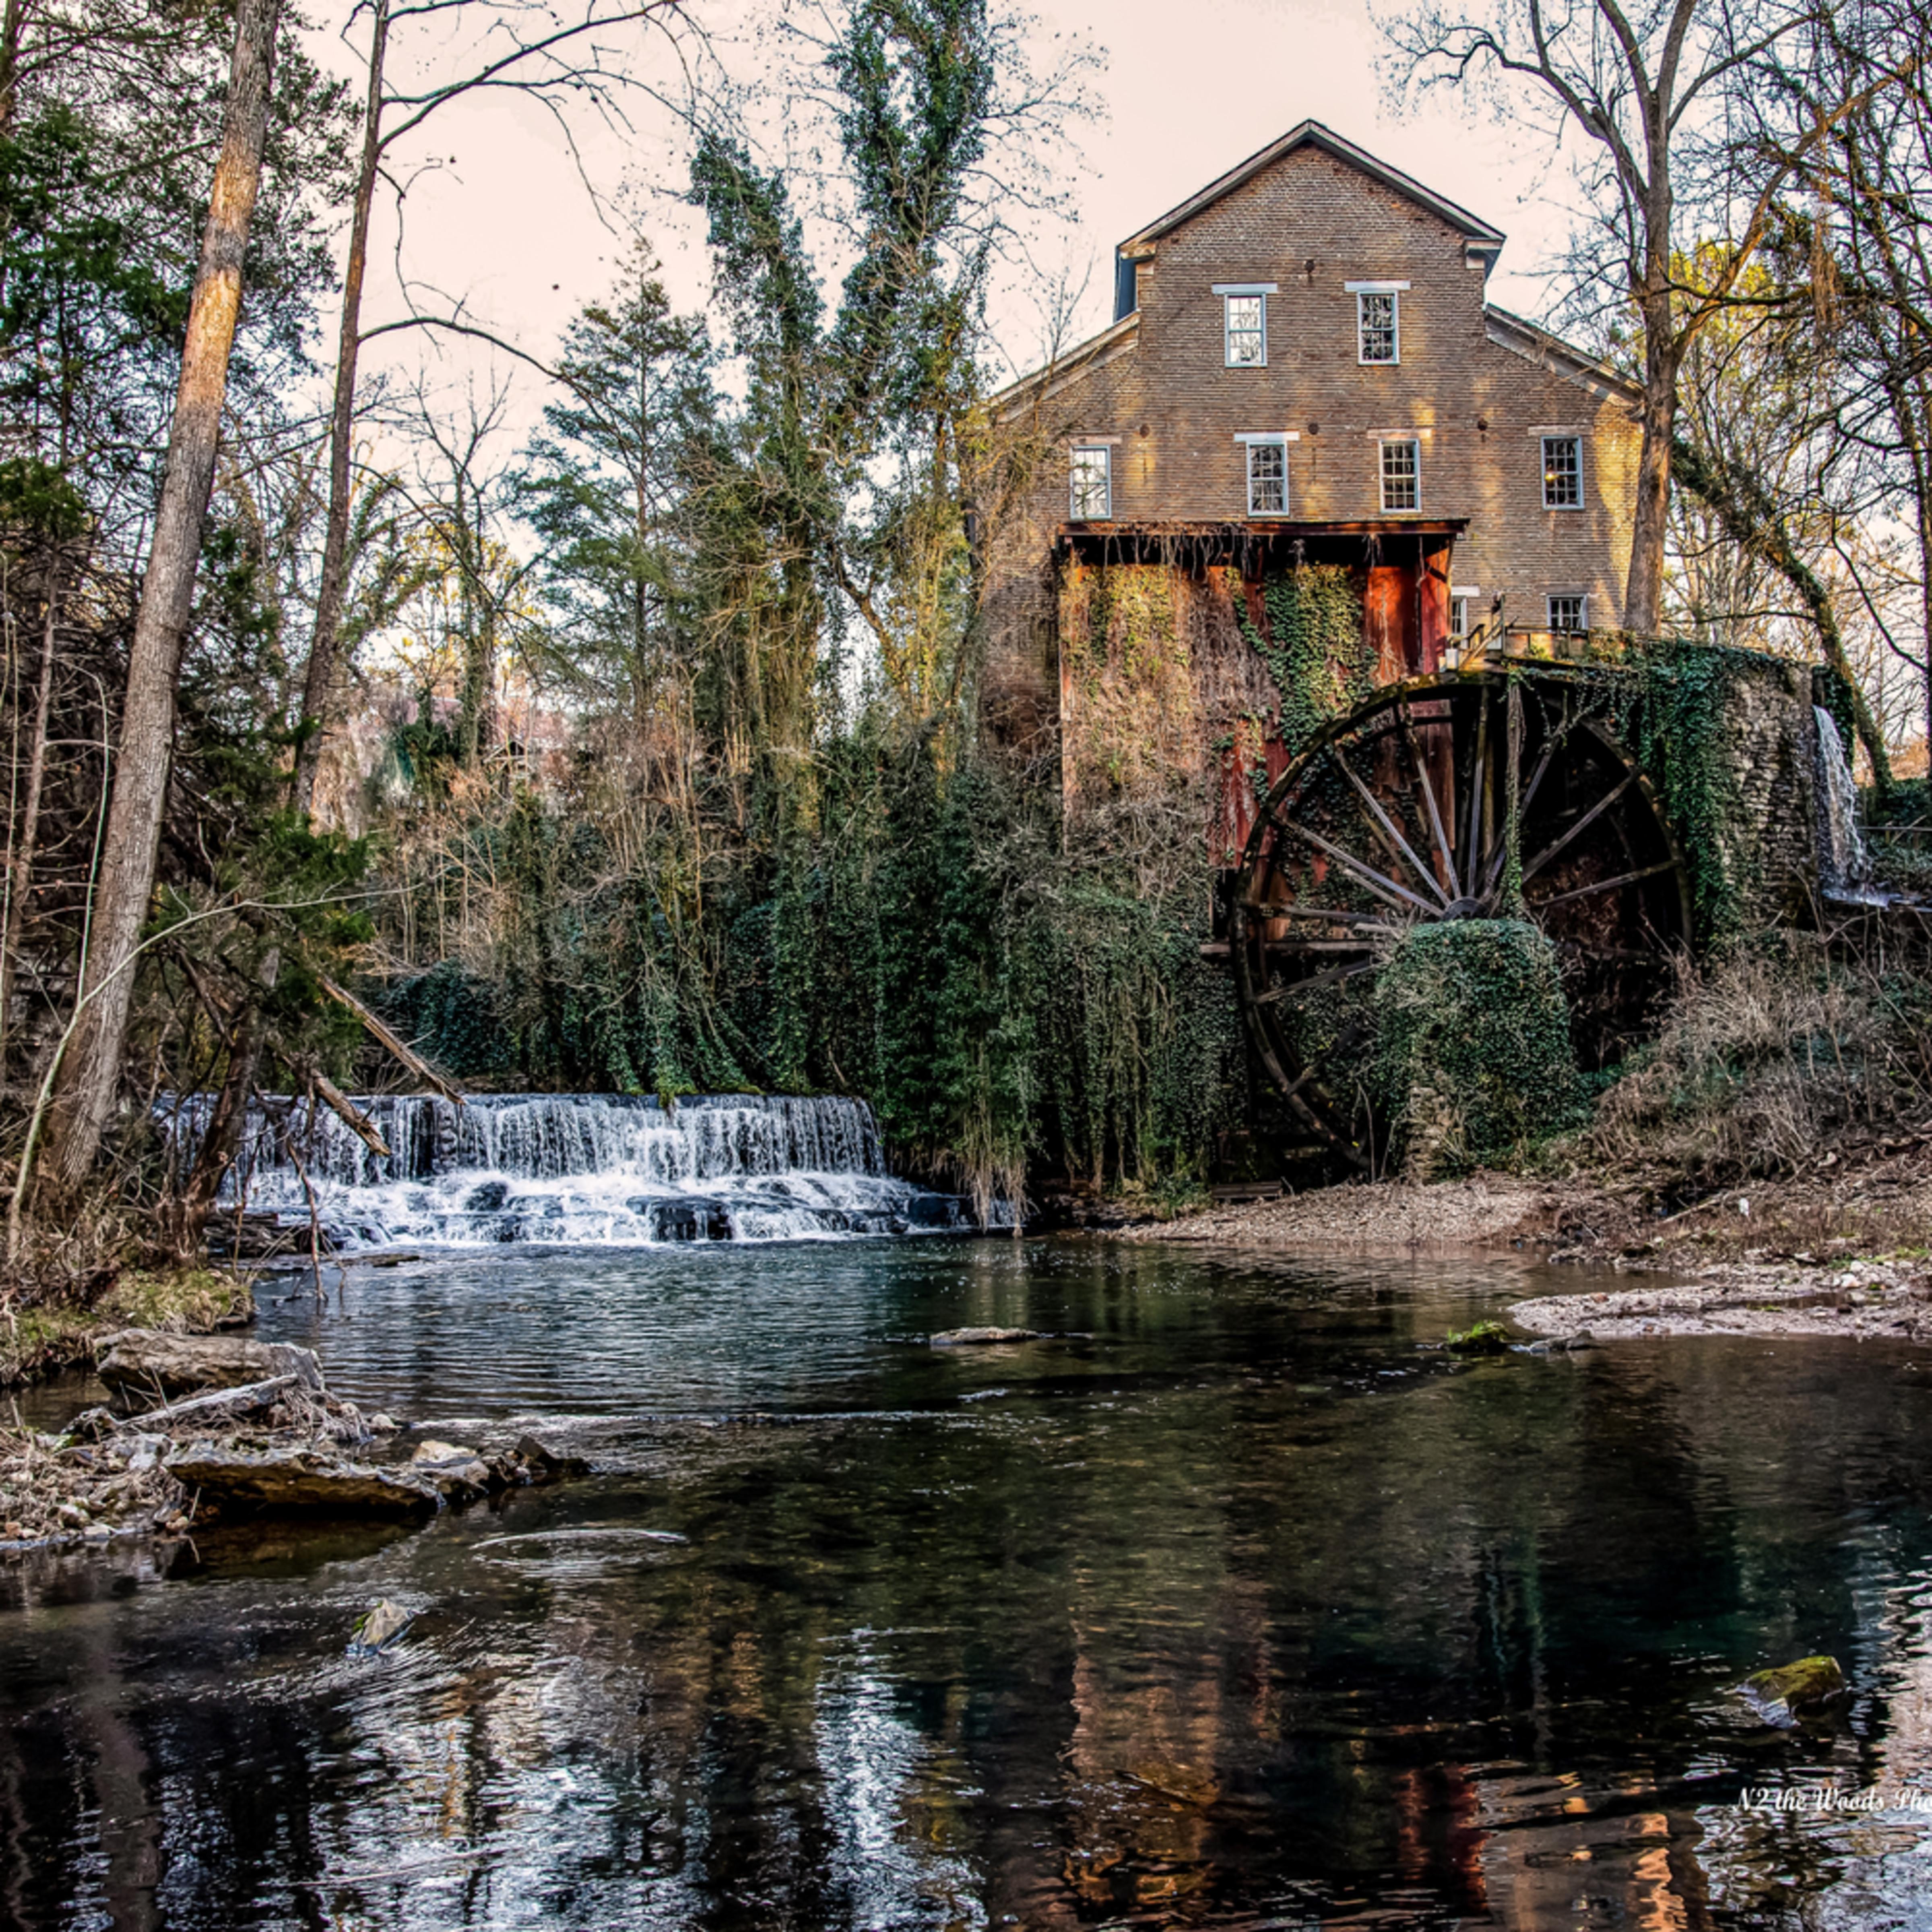 Falls mill chry4h